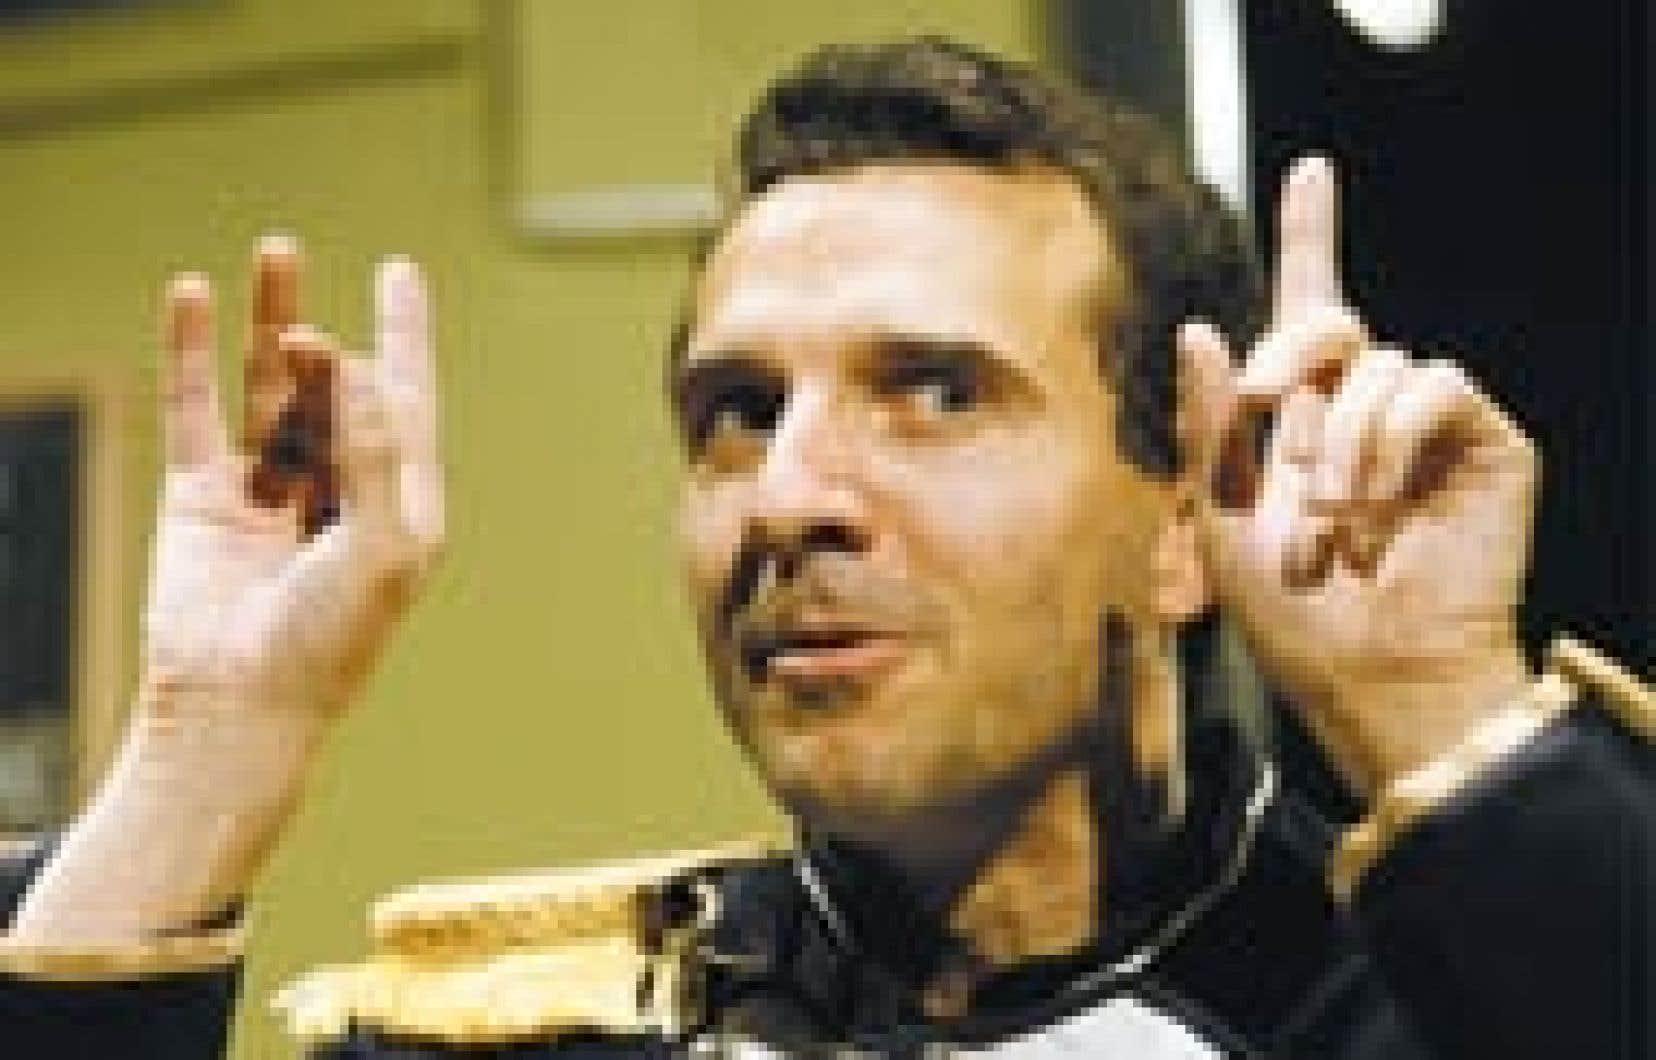 Le conteux Jean-Marc Massie rame à bord du négrier São Bento, entre délire verbal et envolée lyrique.